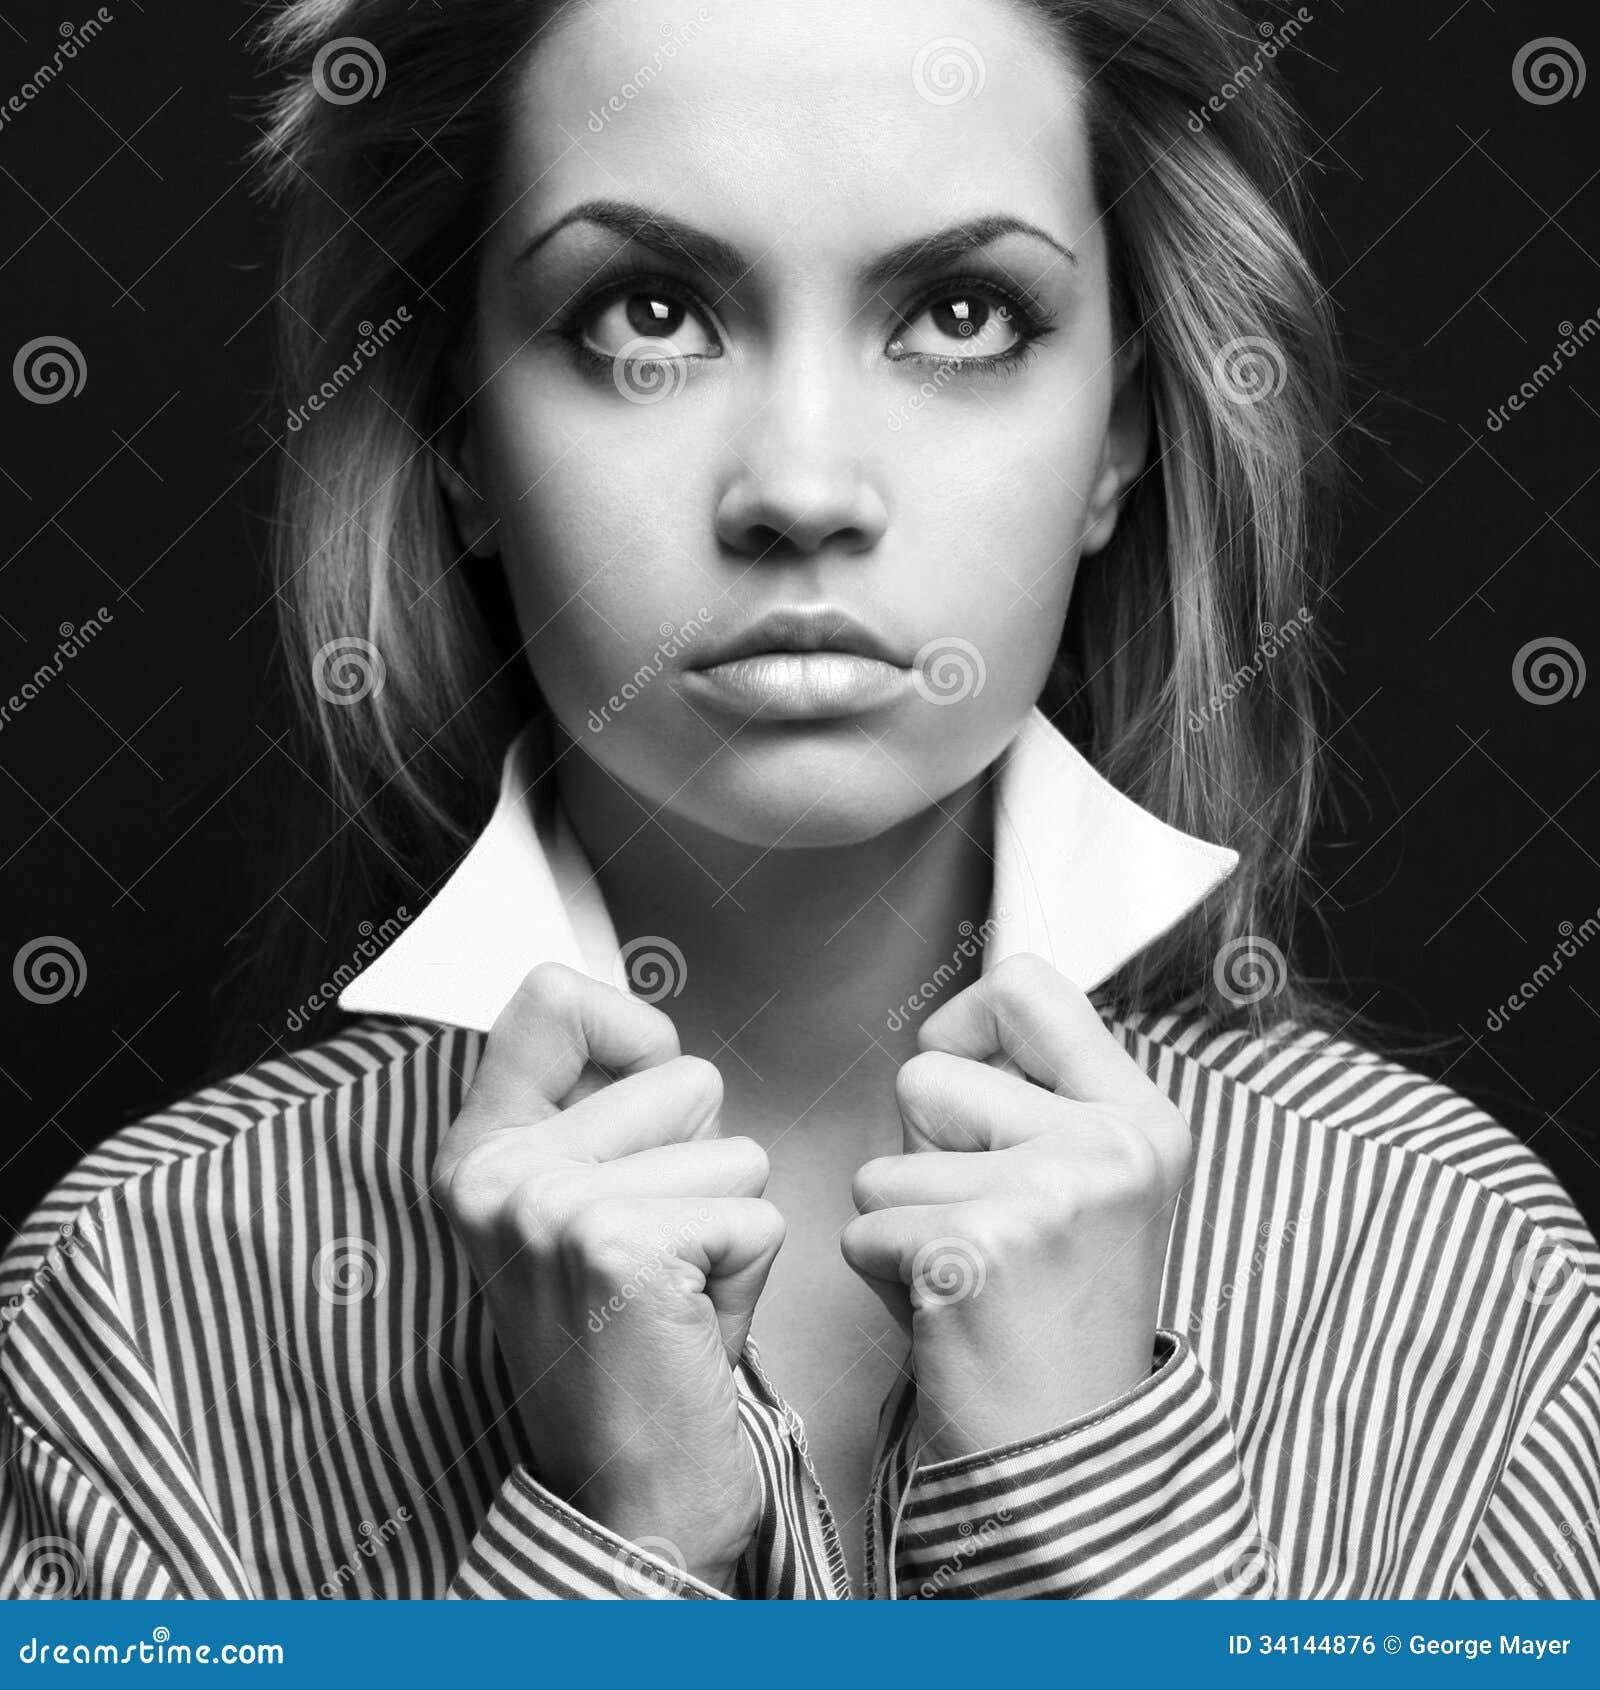 Черно-белое фото белокурой девушки